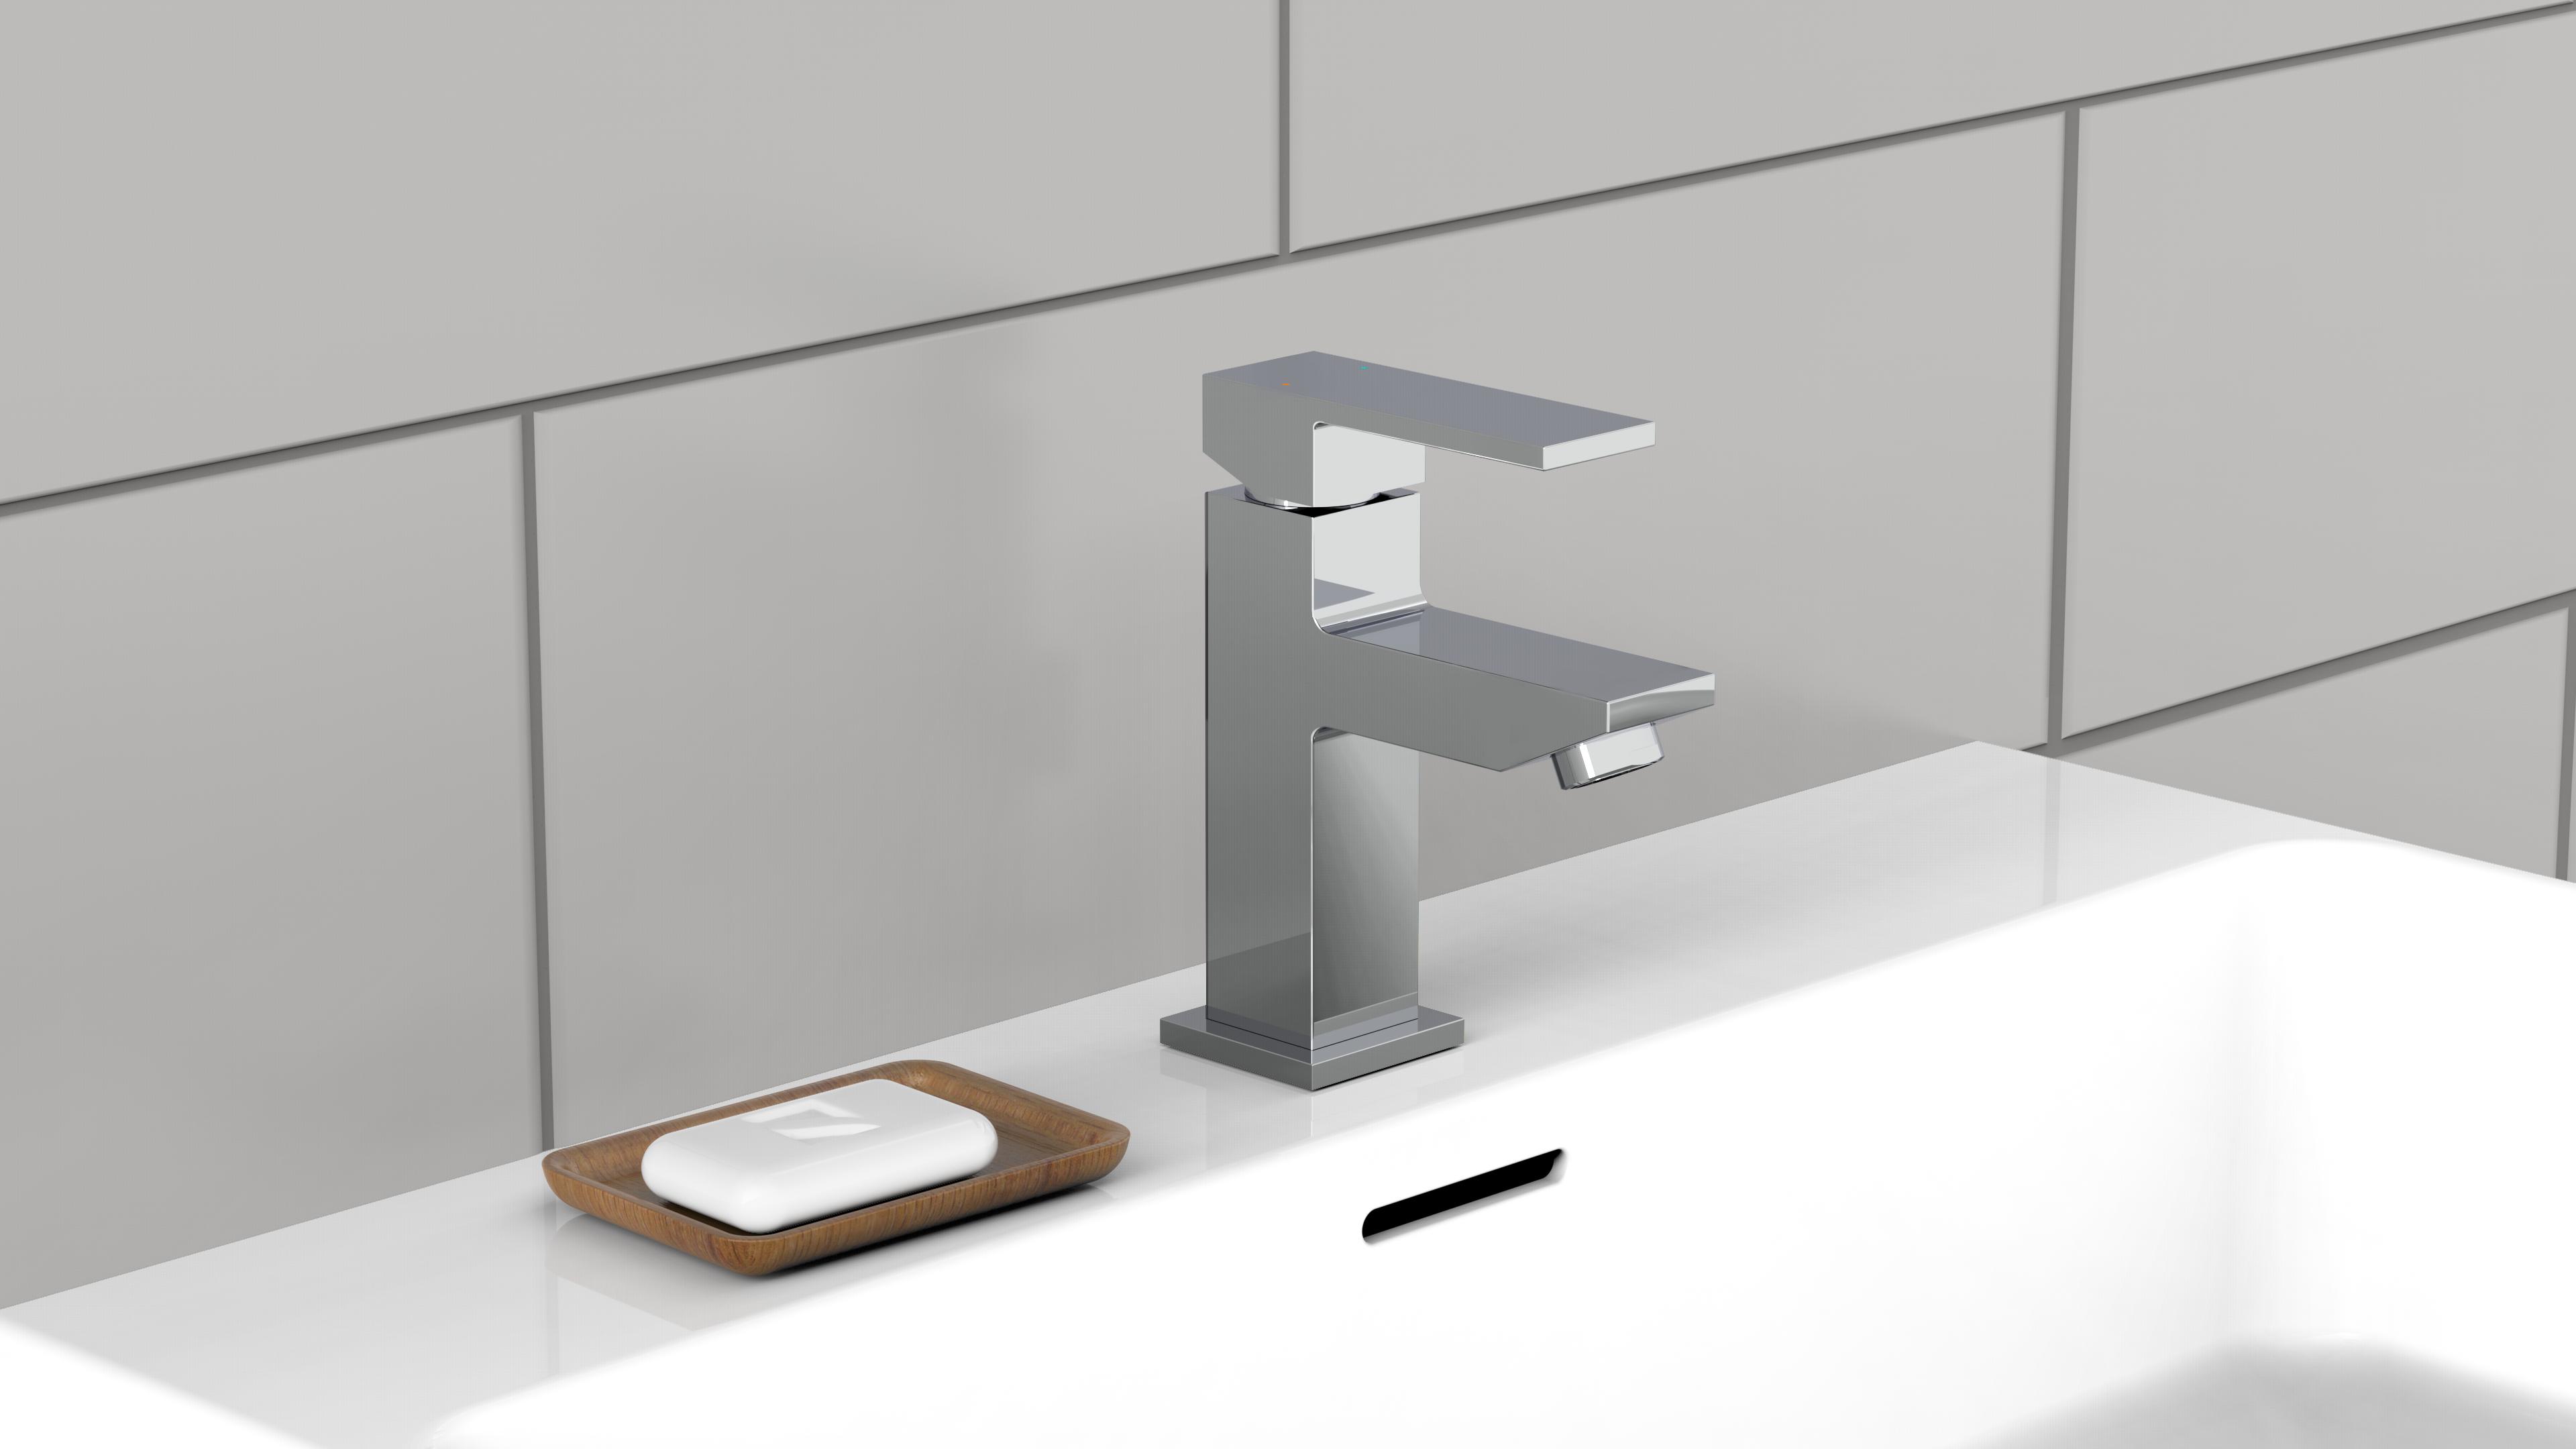 Waschtischarmatur Wasserhahn Fur Waschtisch Badezimmer Diy Wohnideen Inspiration Wohnaccessoires Waschtisch In 2020 Waschtischarmatur Waschtisch Wohnaccessoires